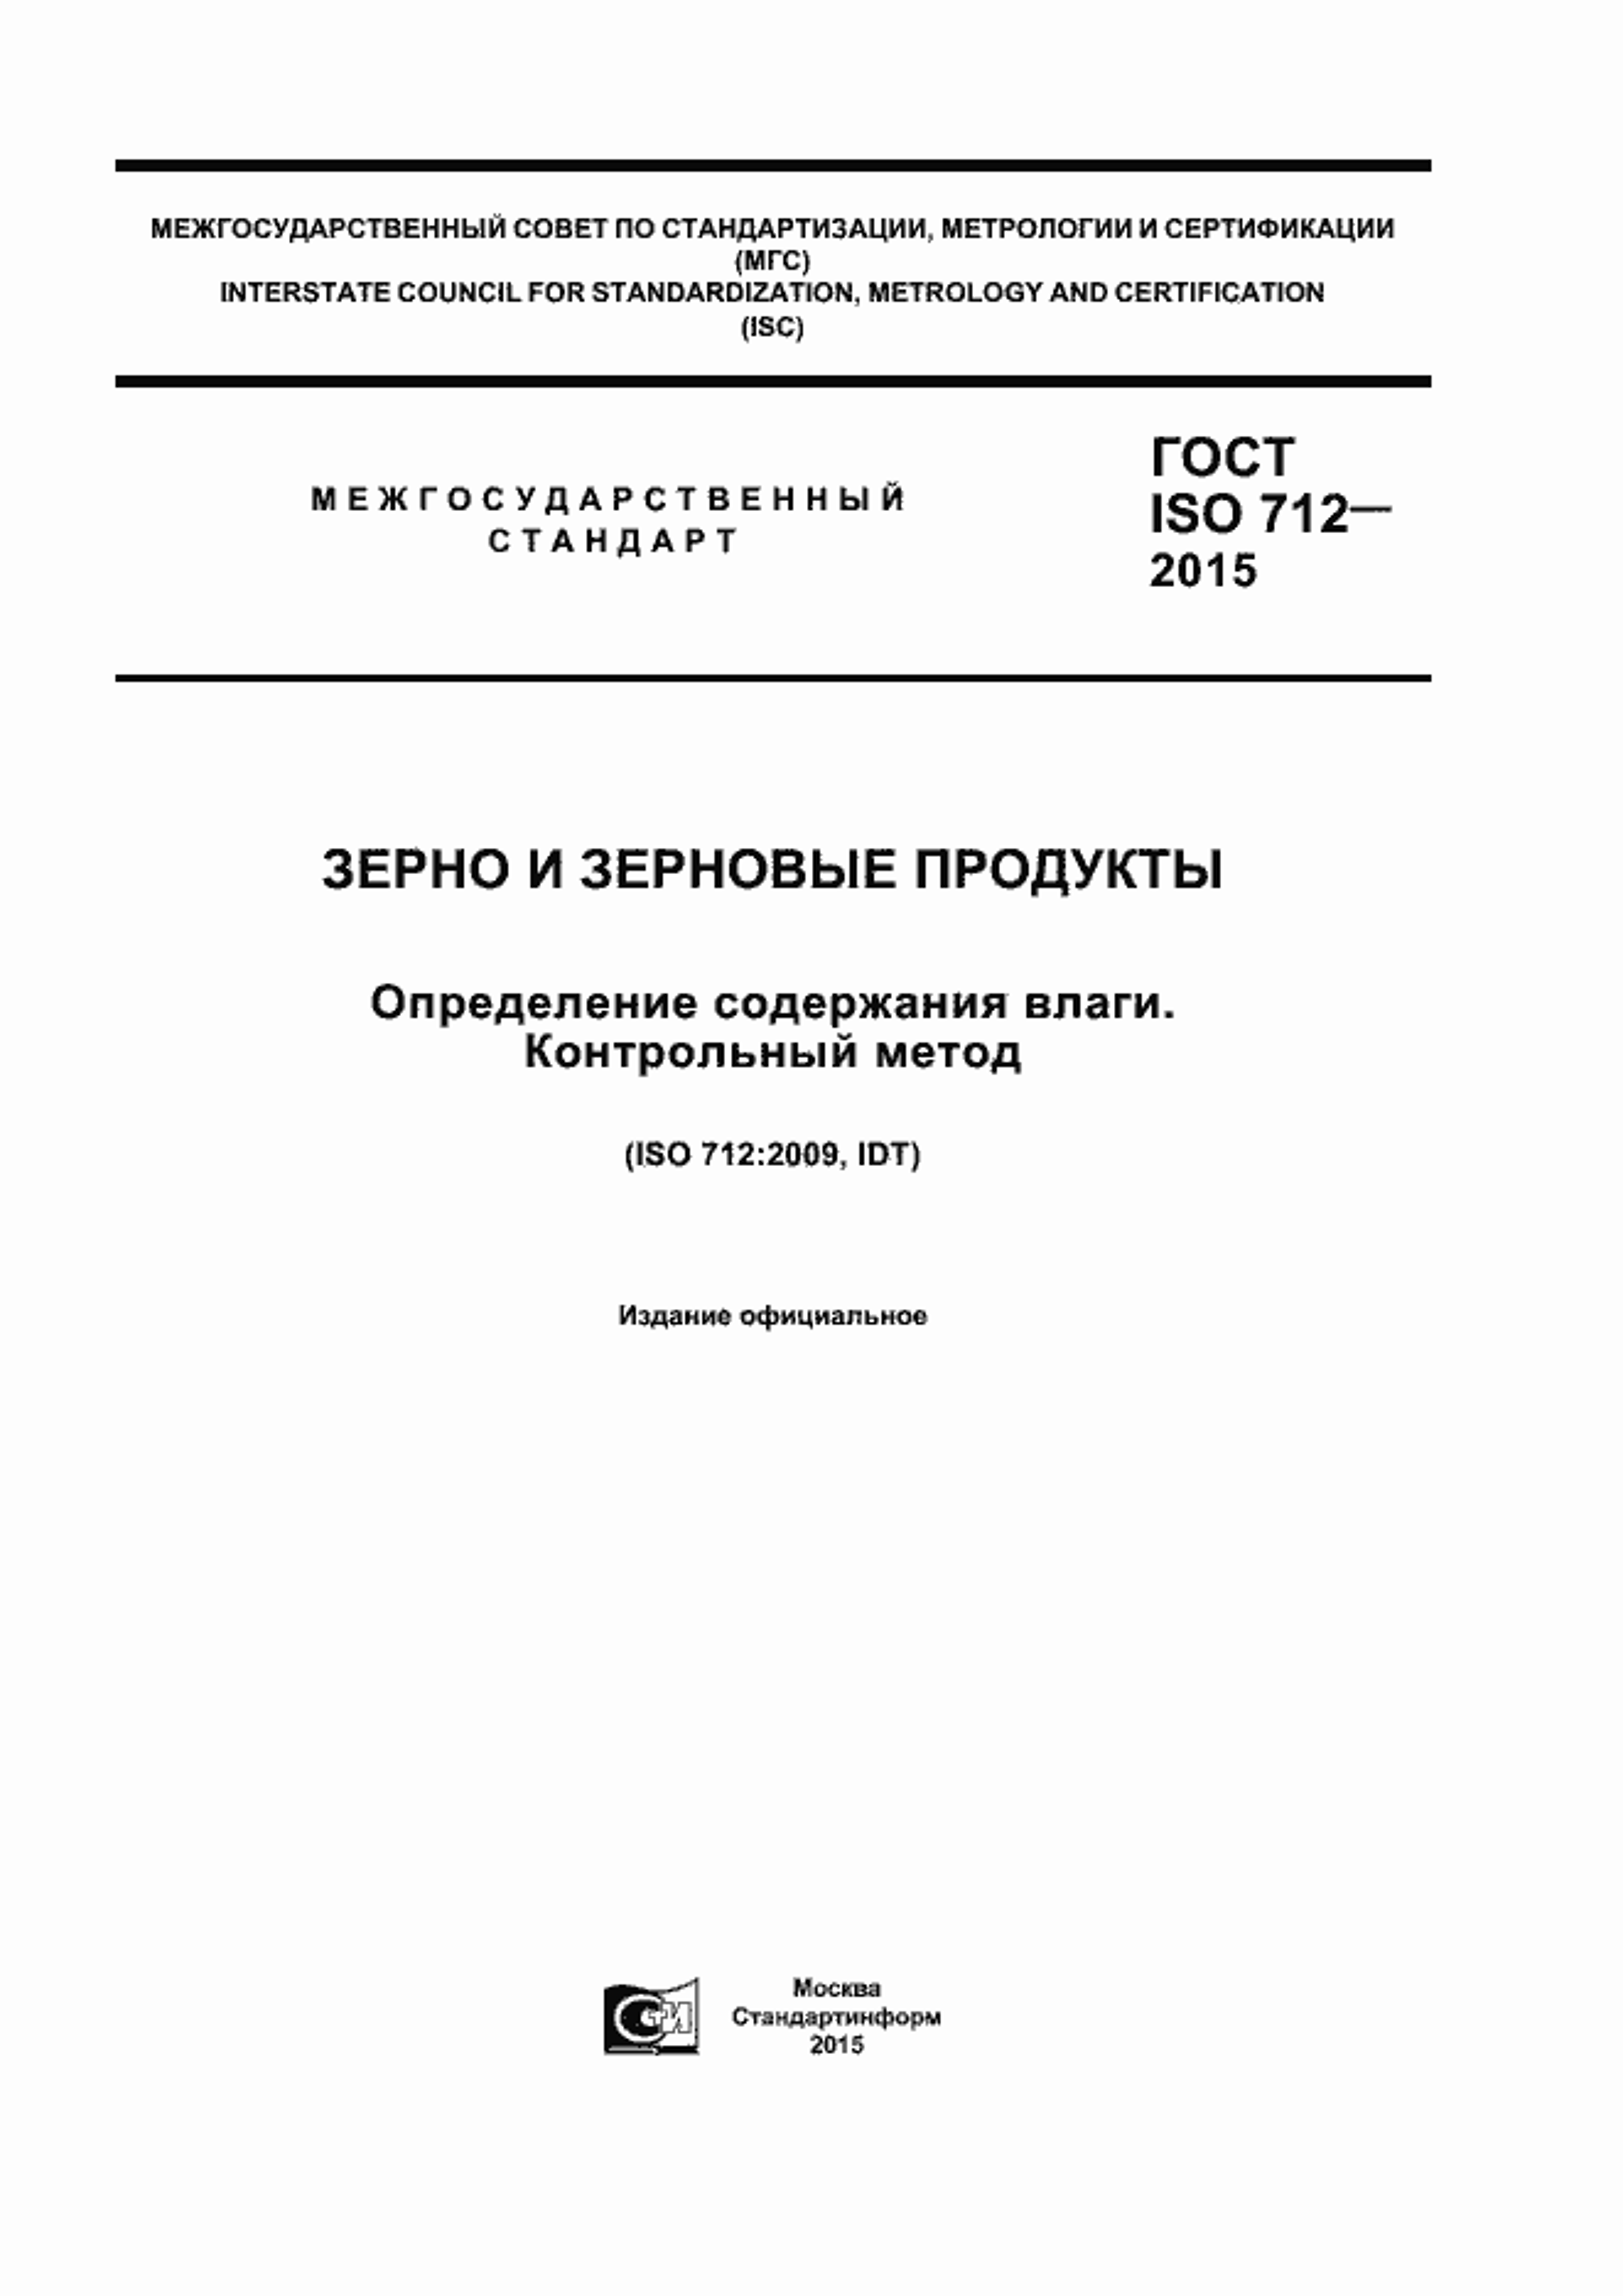 ГОСТ iso Зерно и зерновые продукты Определение  ГОСТ iso 712 2015 Страница 1